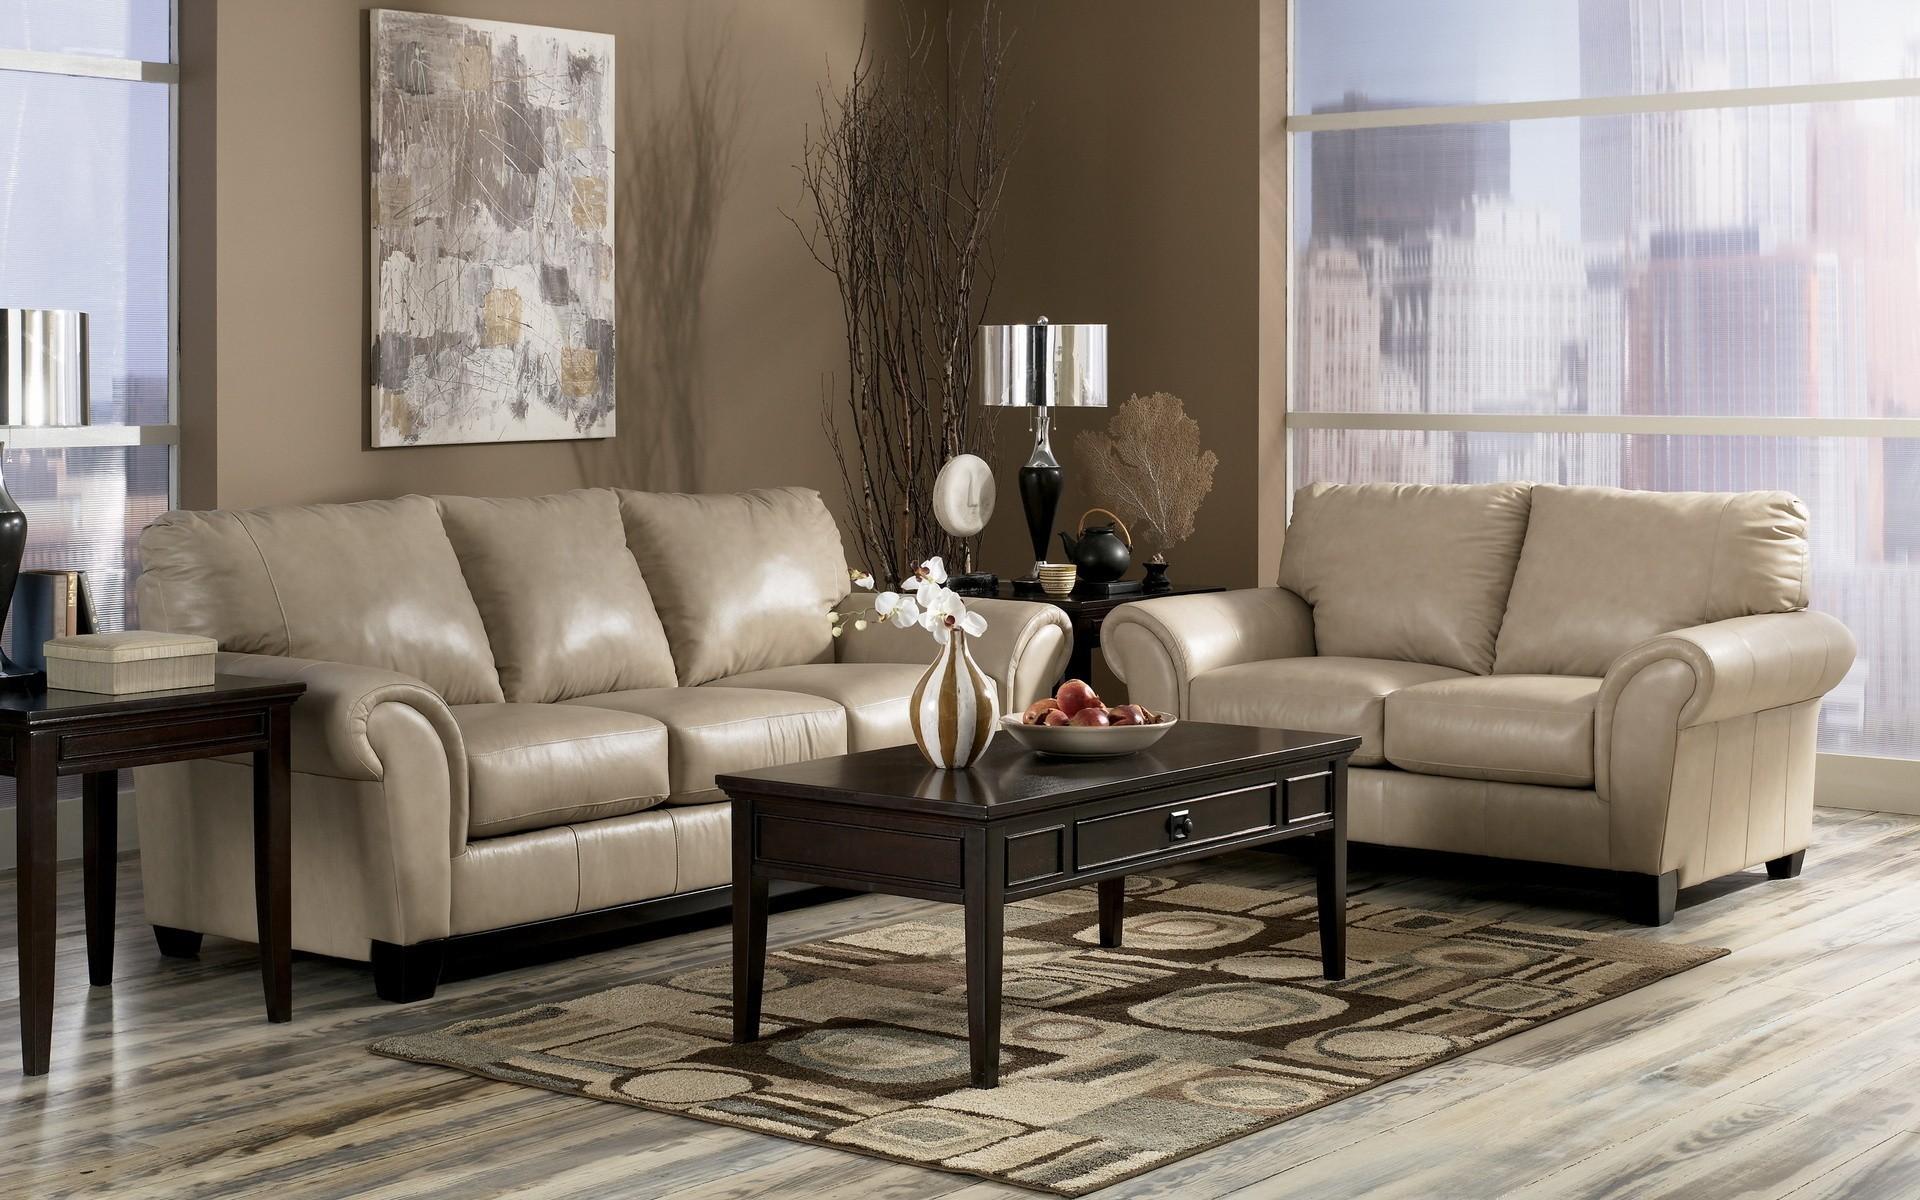 31e312db0aea izba interiér stôl drevo gauč stoličky interiérový dizajn dizajn podlaha  Domov tvrdé drevo nábytok podlaha drevené